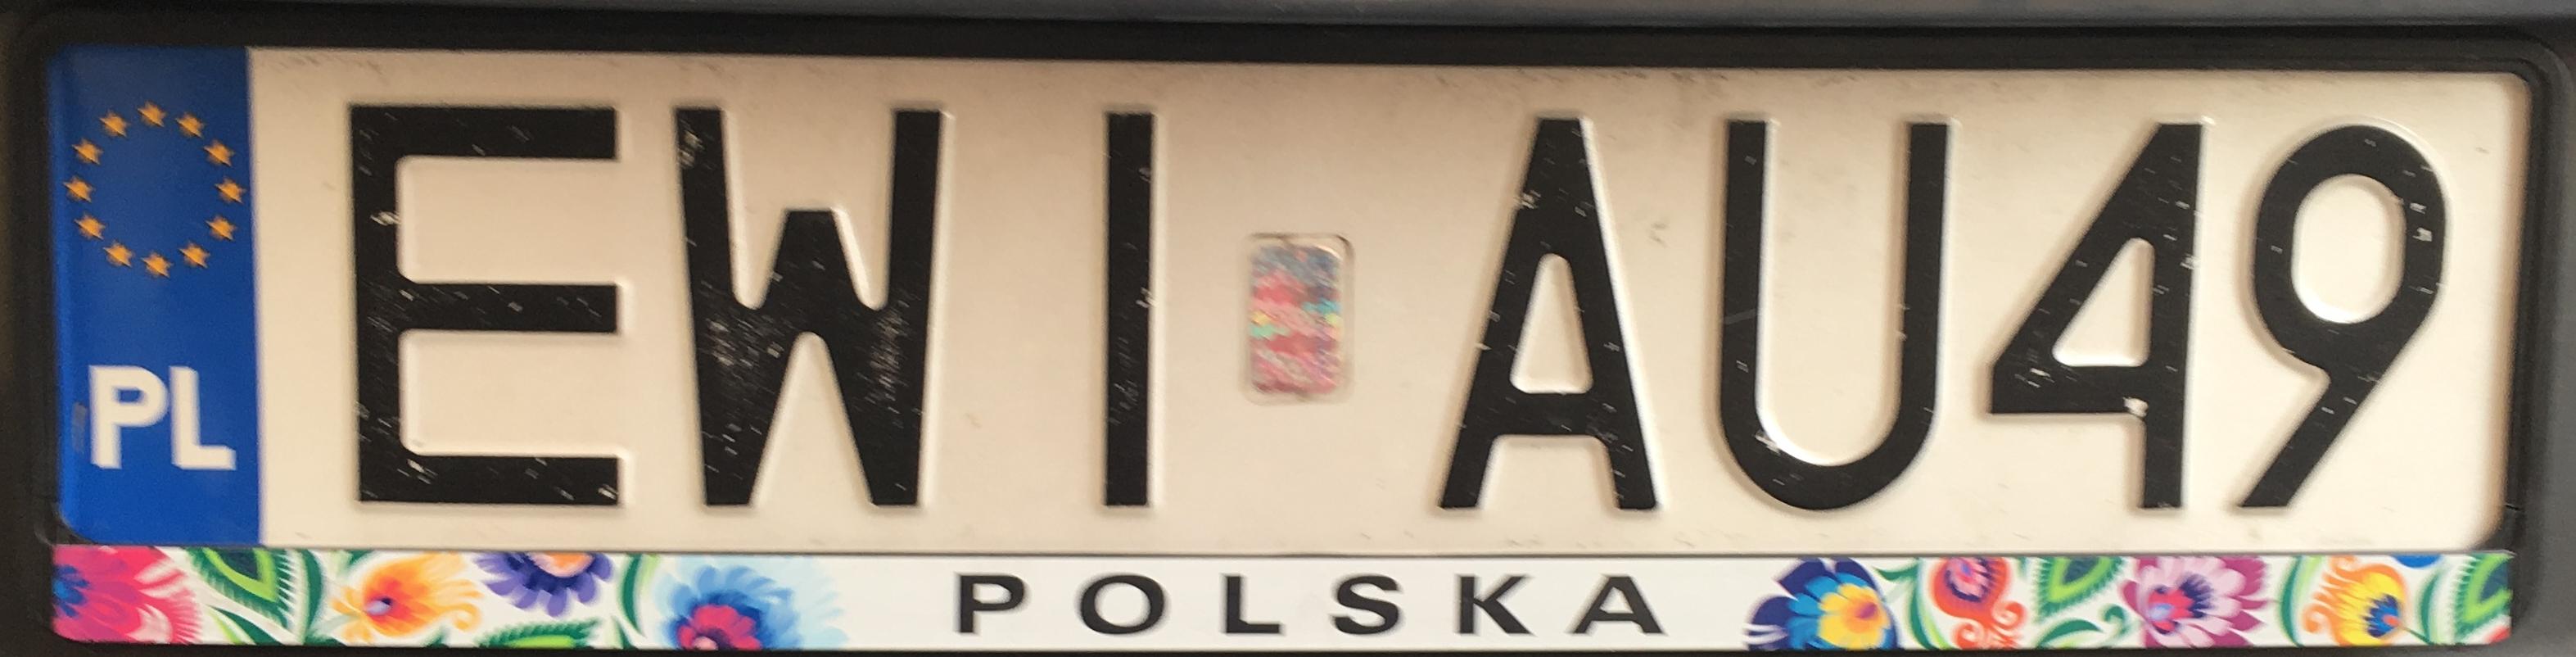 Registrační značka Polsko – EWI - Wieluń, foto: www.podalnici.cz